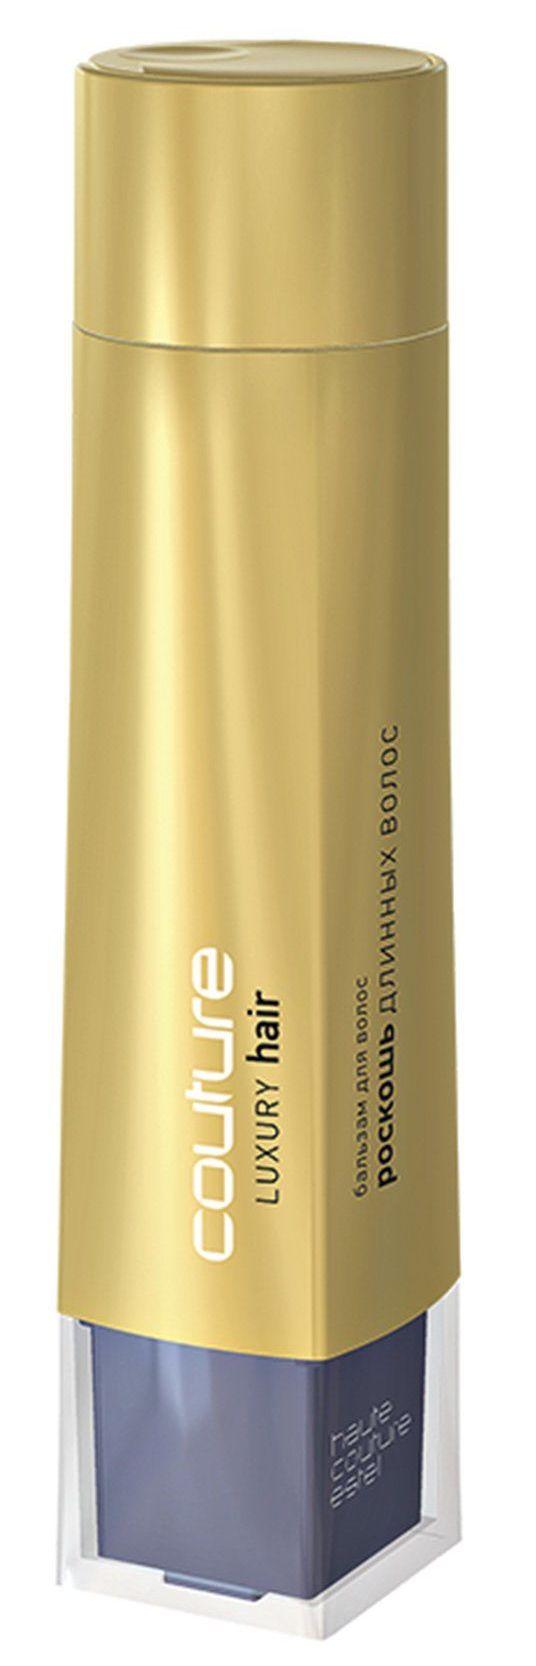 Купить ESTEL HAUTE COUTURE Бальзам для волос / LUXURY HAIR 200 мл